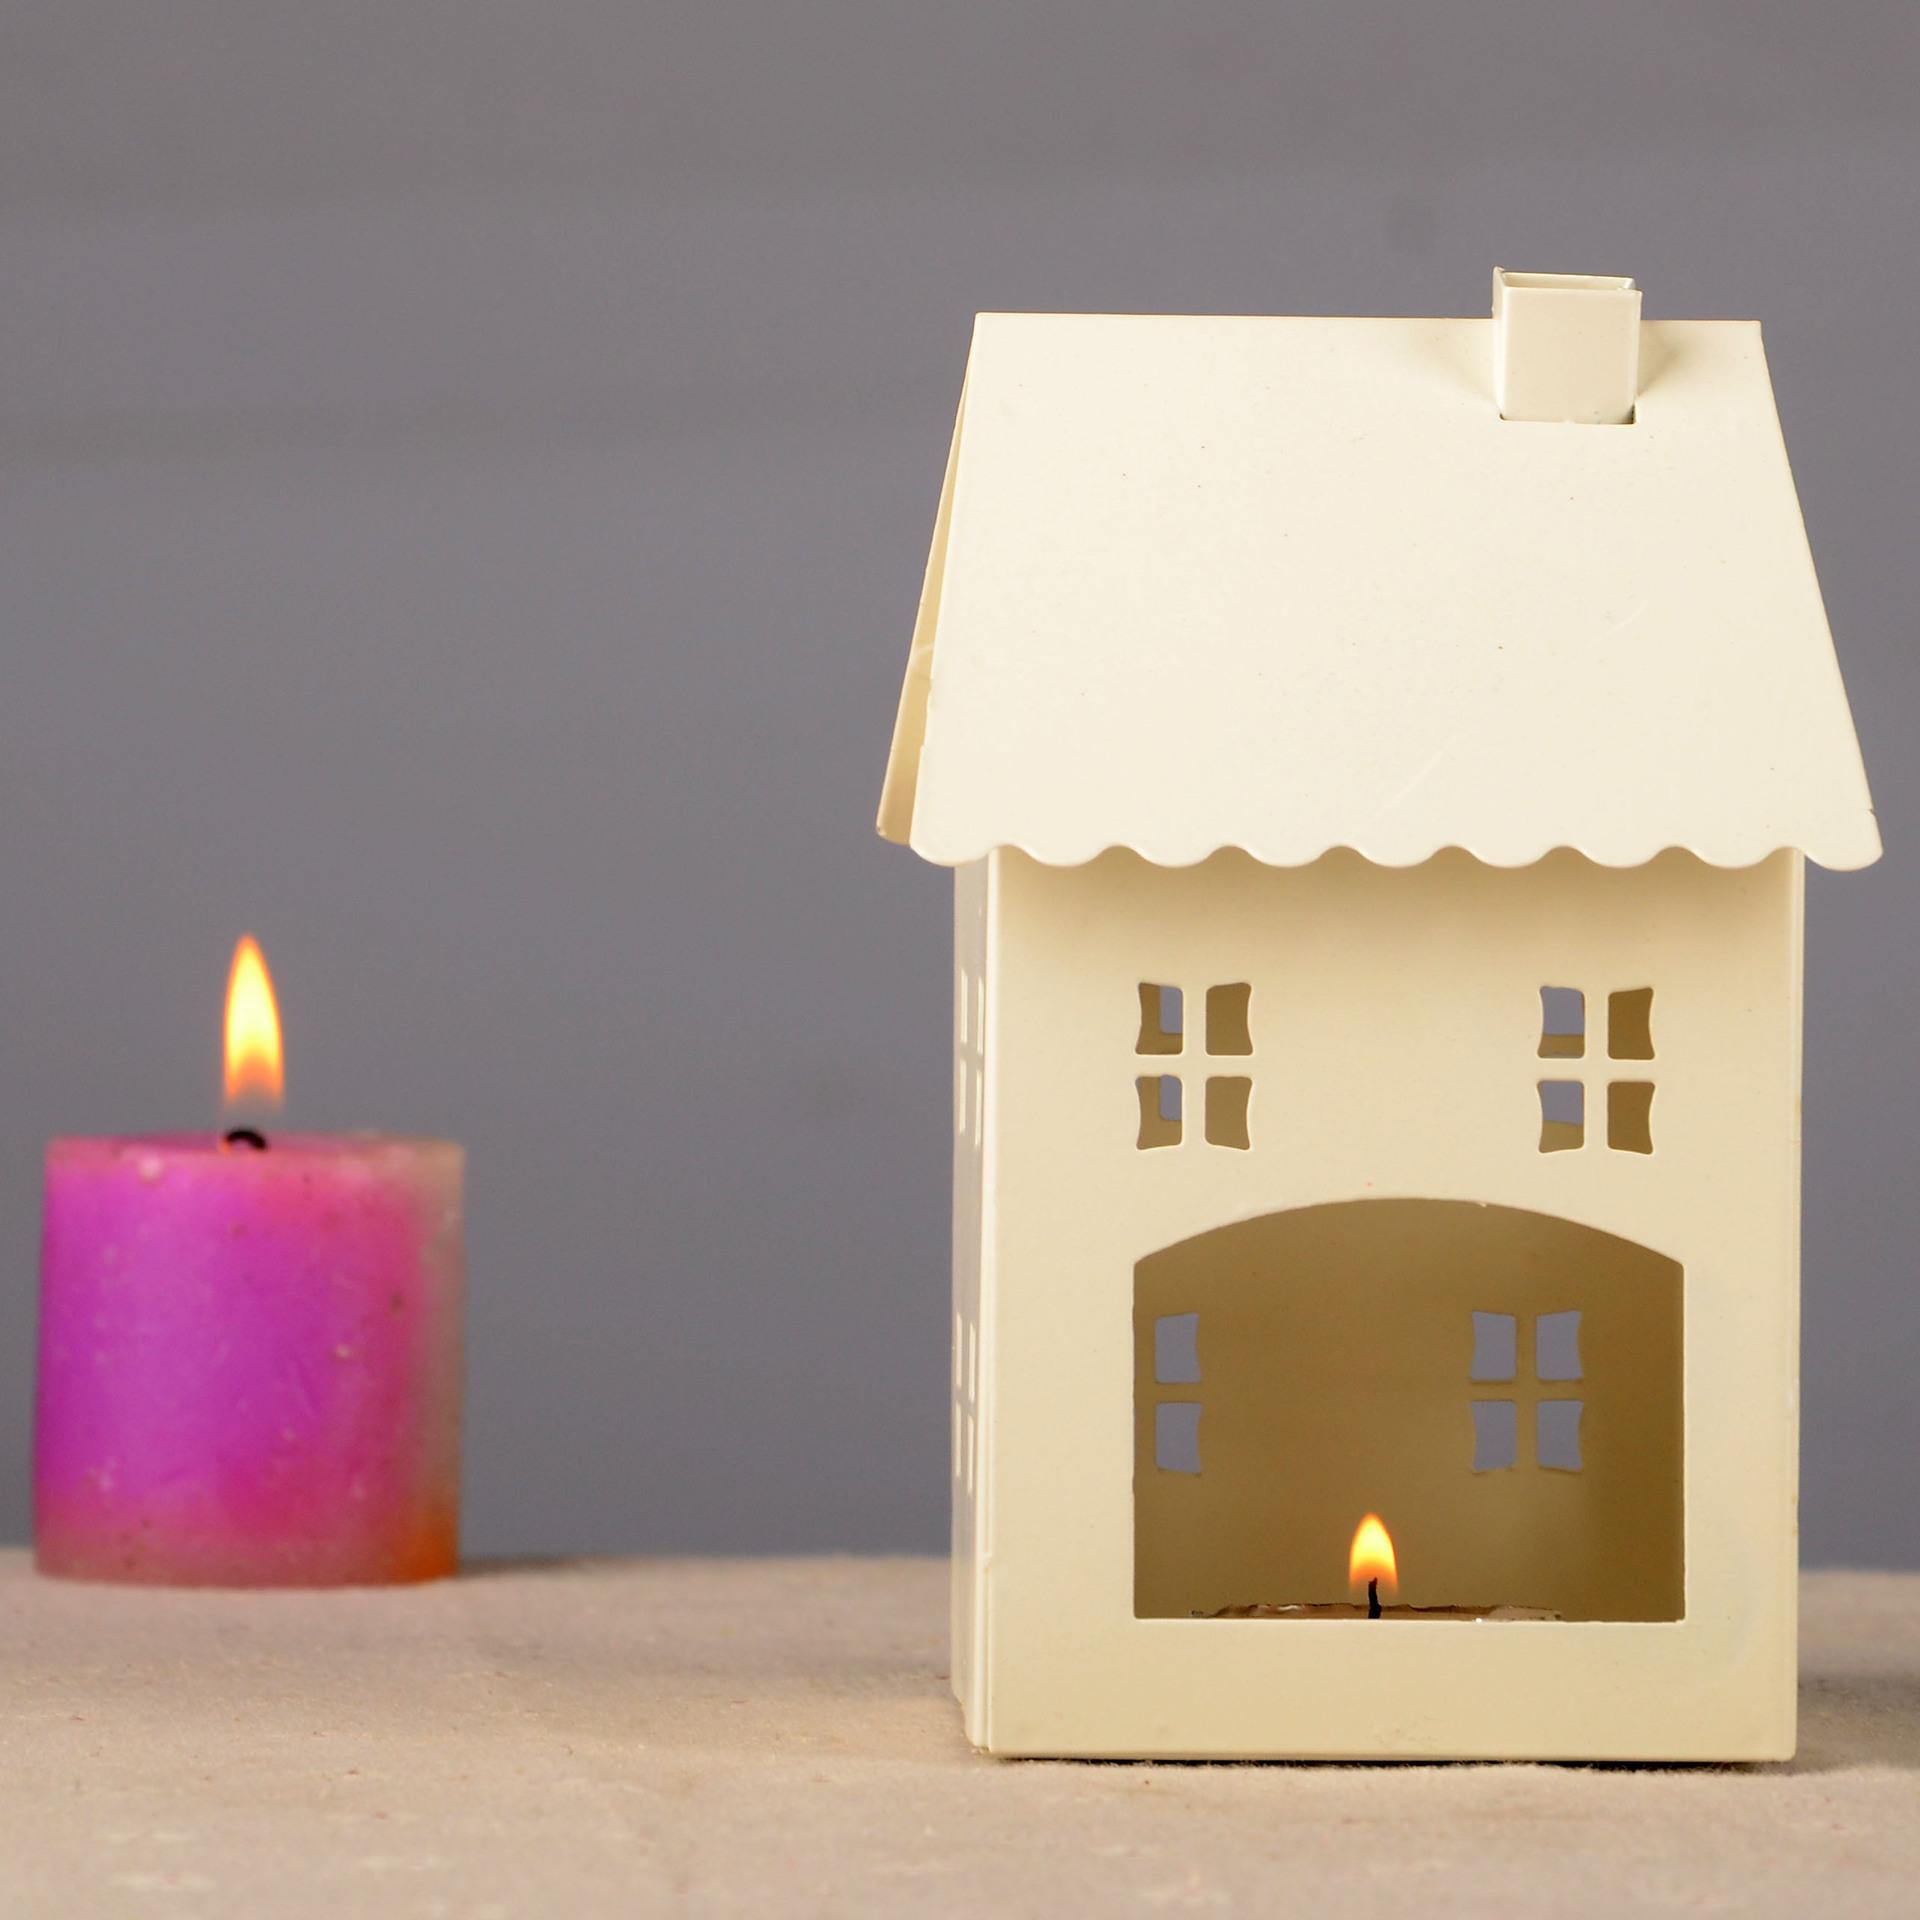 Weiß-Rot-Eisen-Kleines-Haus-Kerzenhalter-Europa-Stil-Kreative-Geschenk-font-b-Retro-b-font-Home Stilvolle Warum Flackern Kerzen Im Glas Dekorationen